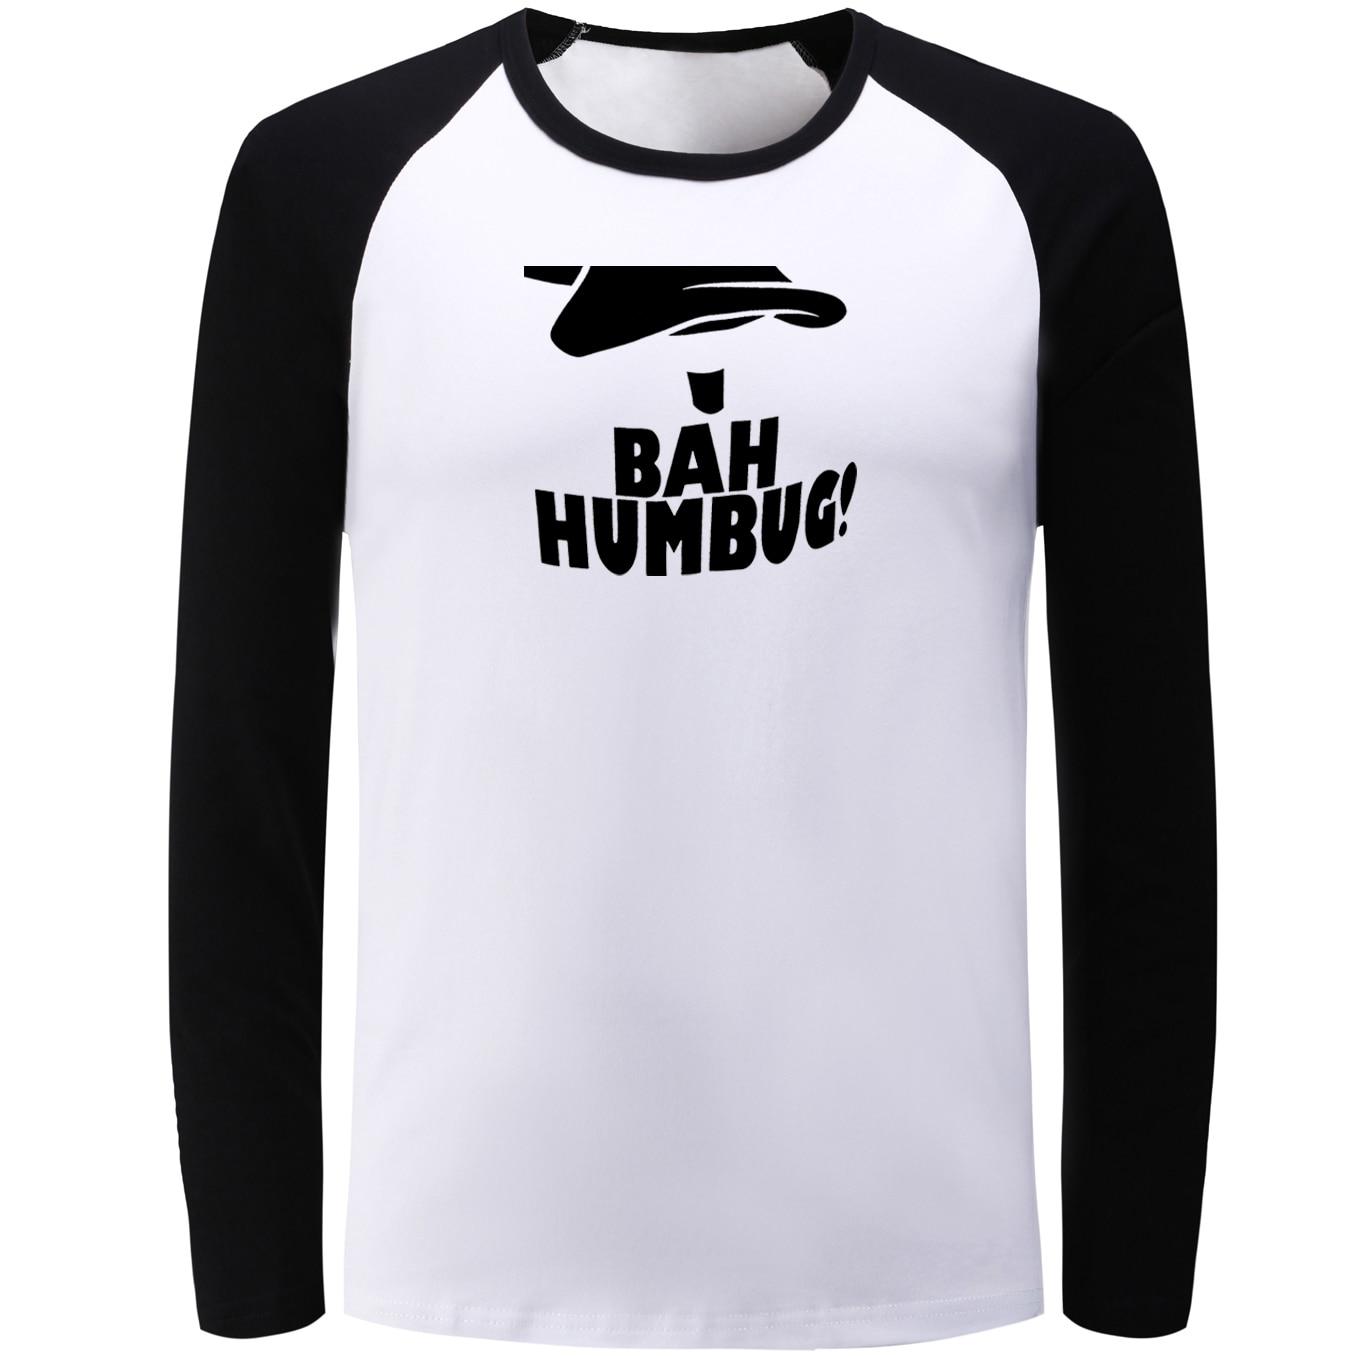 Idzn синий черный реглан футболка с длинными рукавами Бах Вздор графический модная футболка Для мужчин Для женщин Фитнес хлопок Костюмы для м...